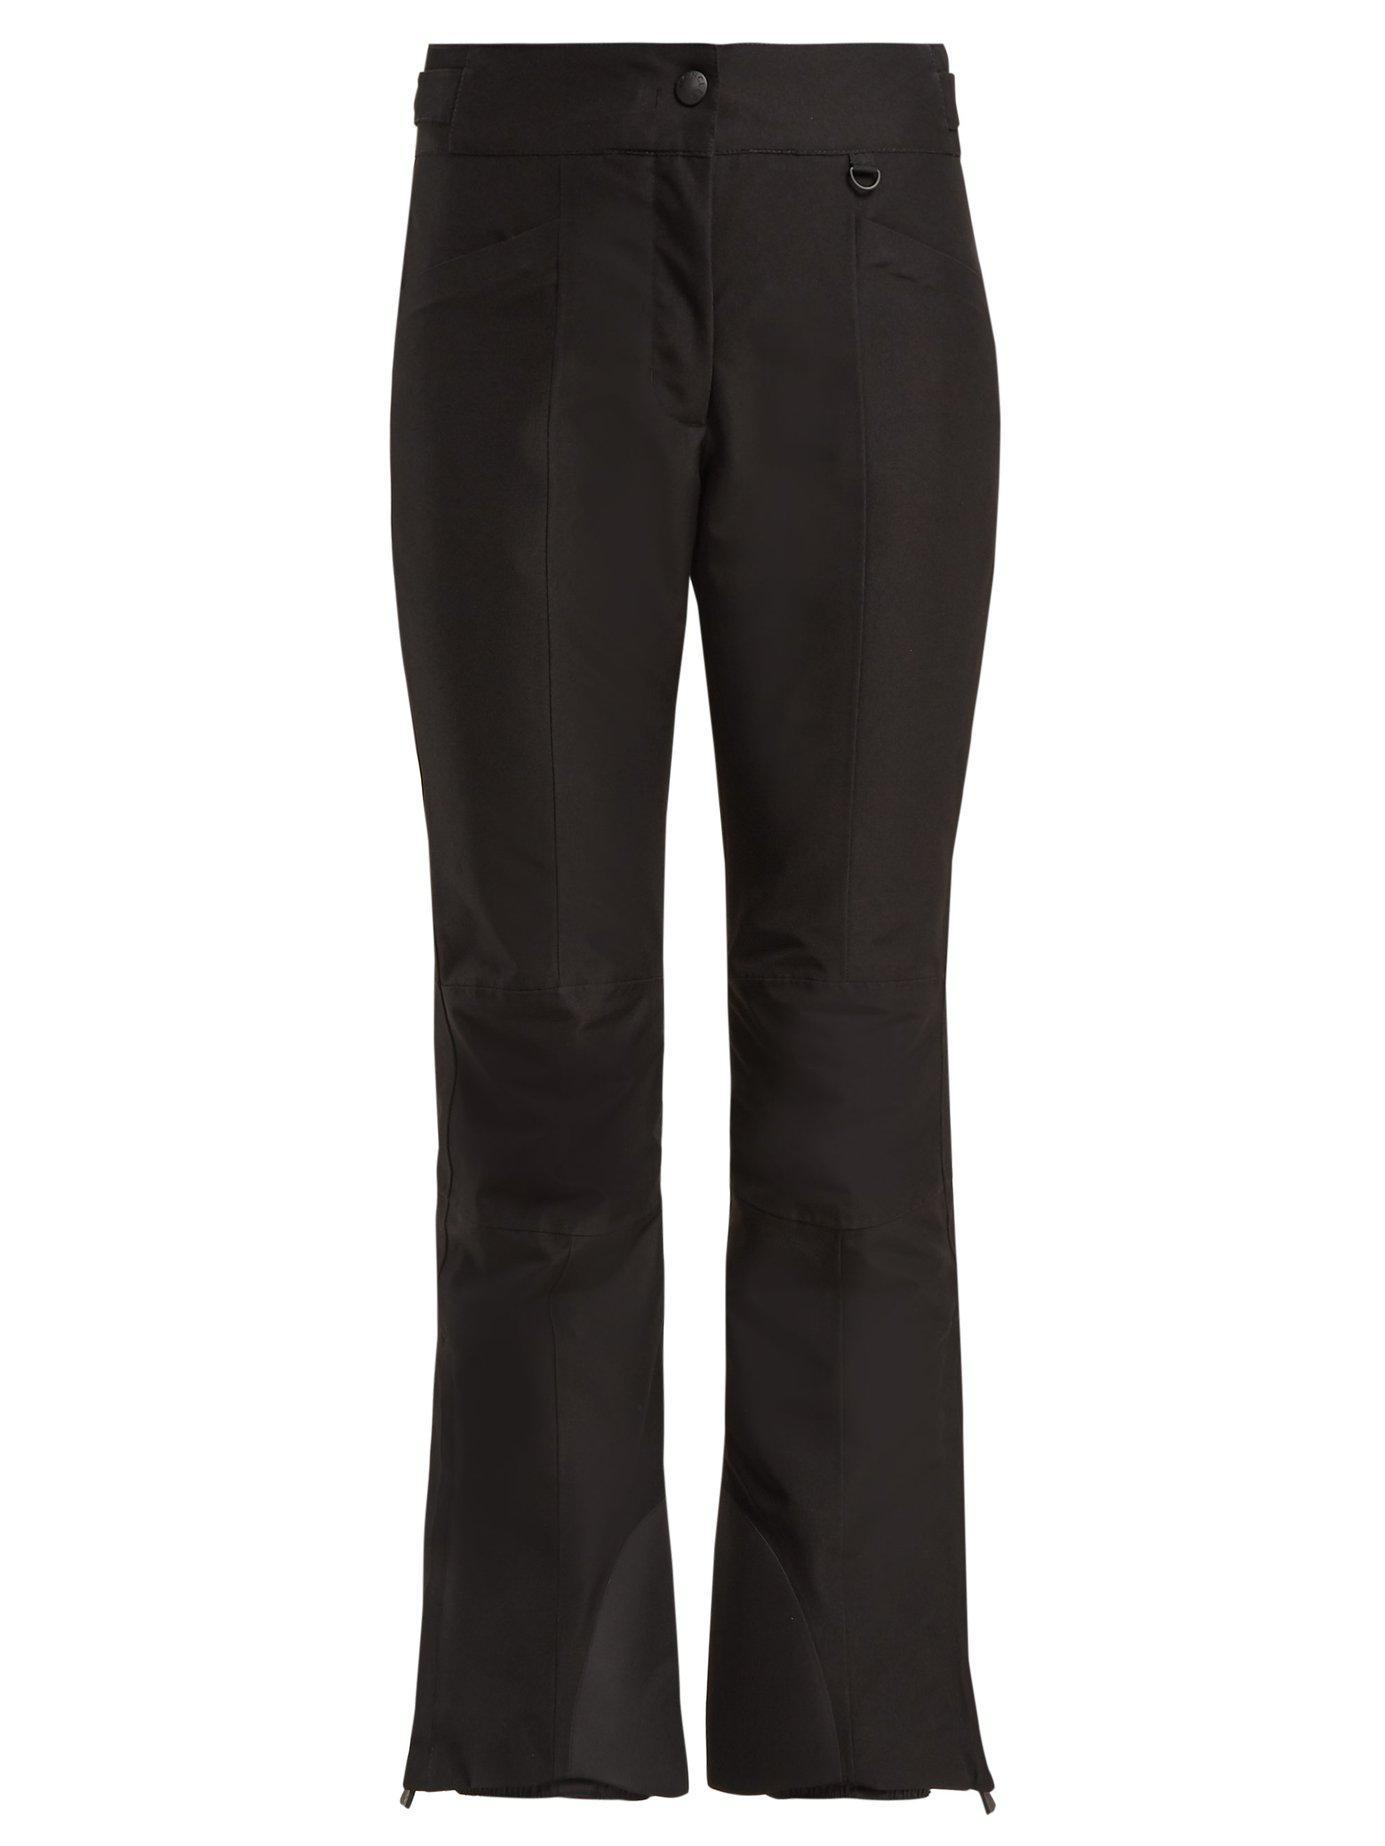 Lyst - Moncler Grenoble Flared Ski Trousers in Black e0c3083d5